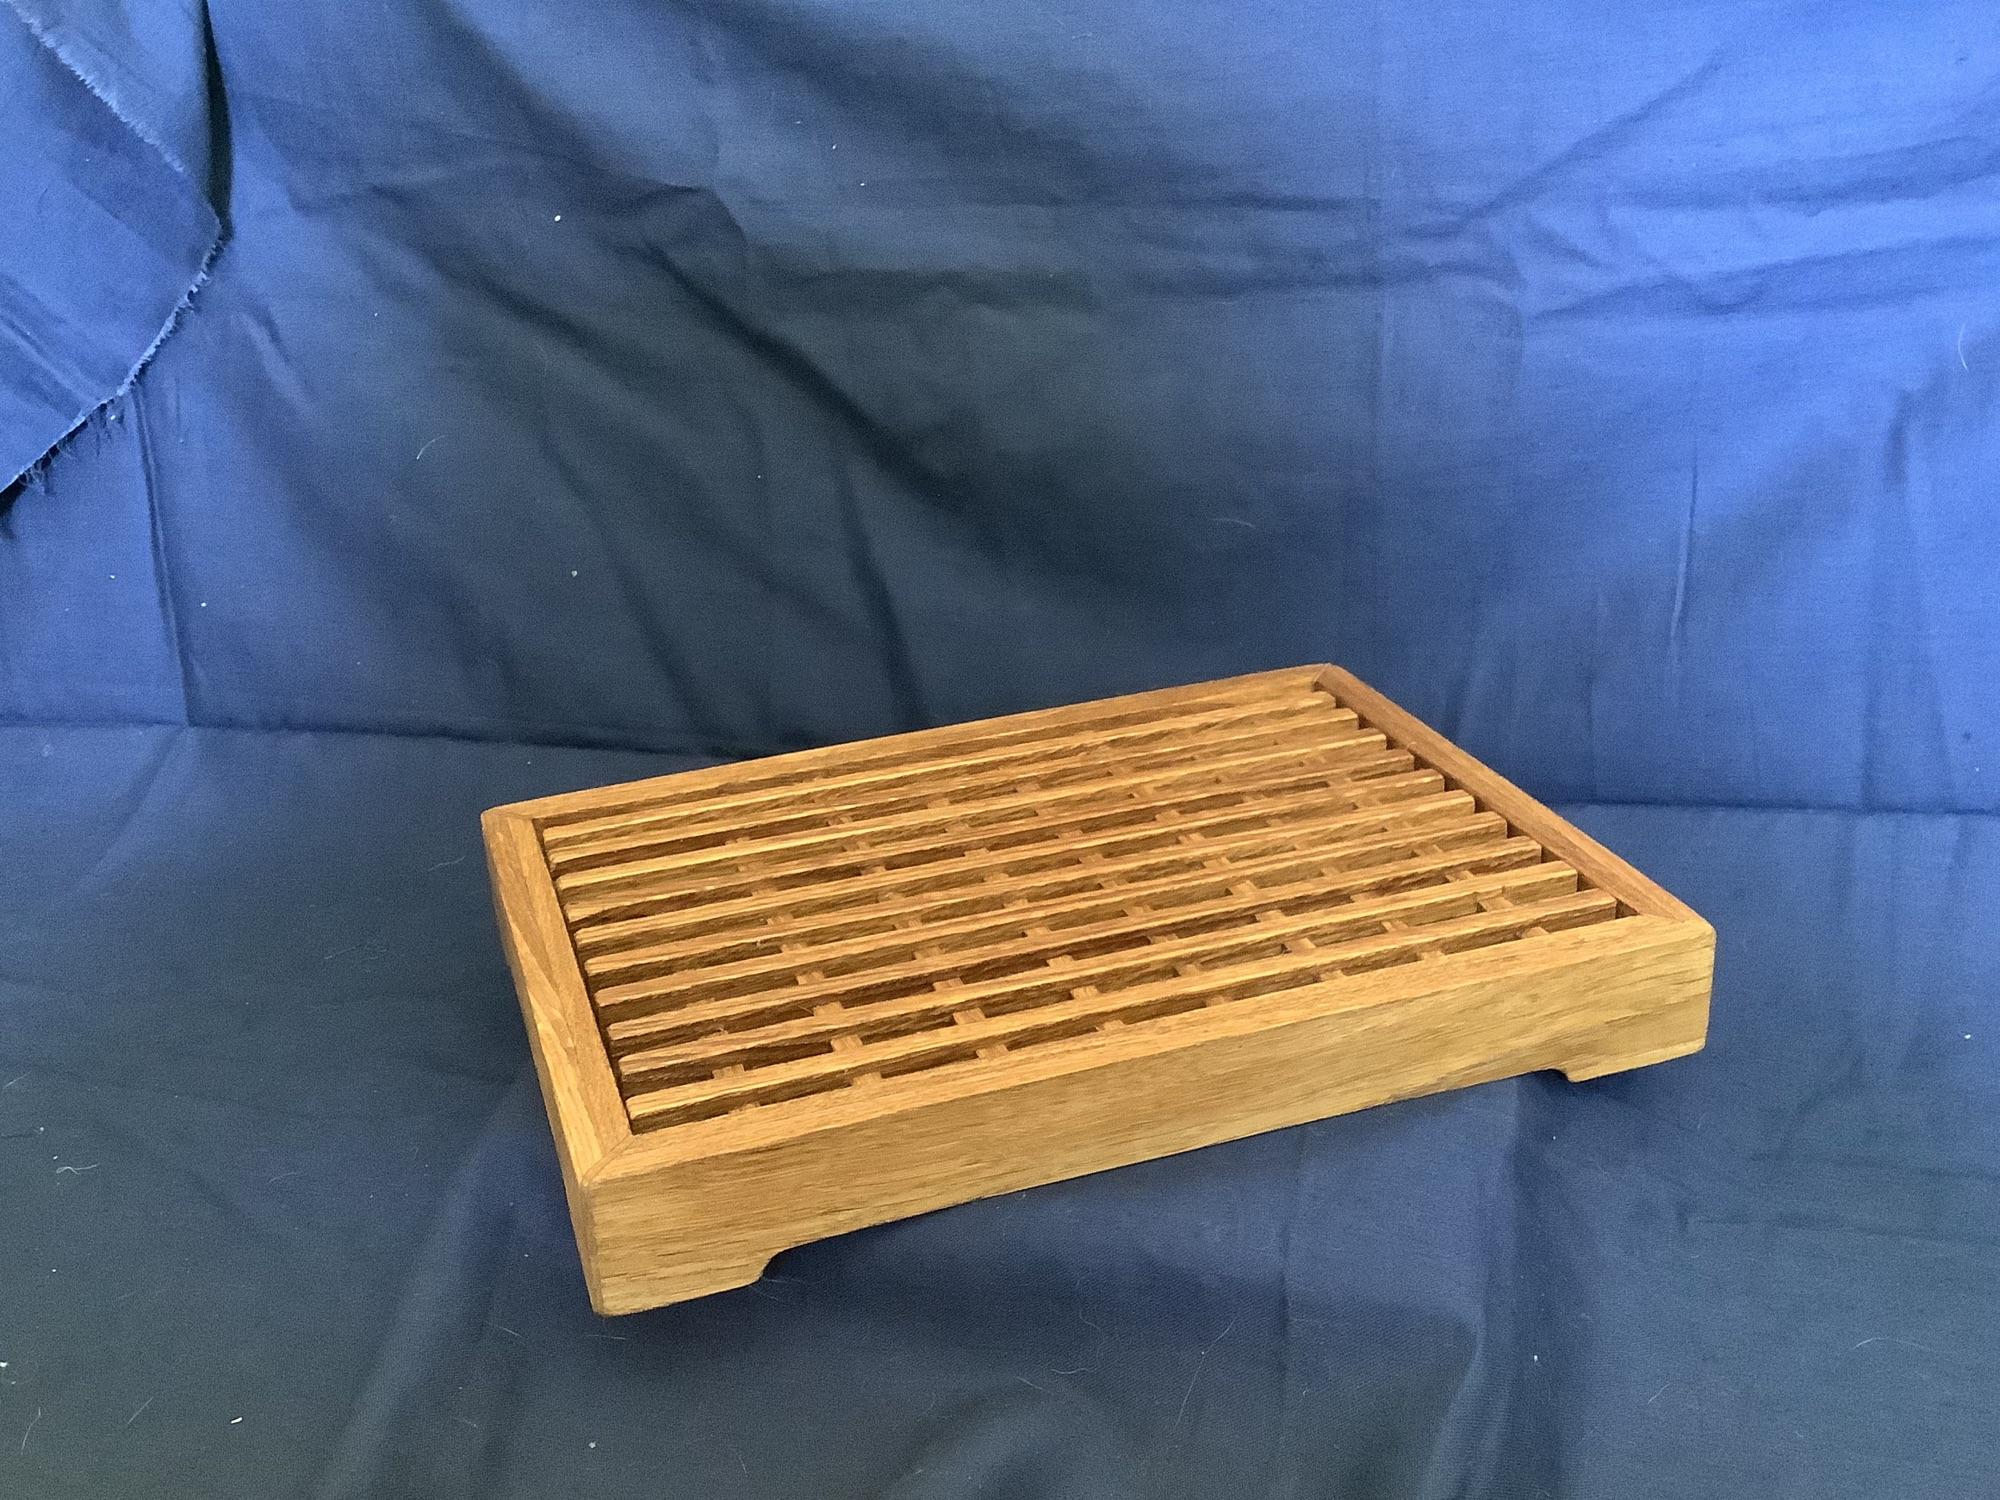 Разделочная доска для хлеба со сьемной решеткой для крошек